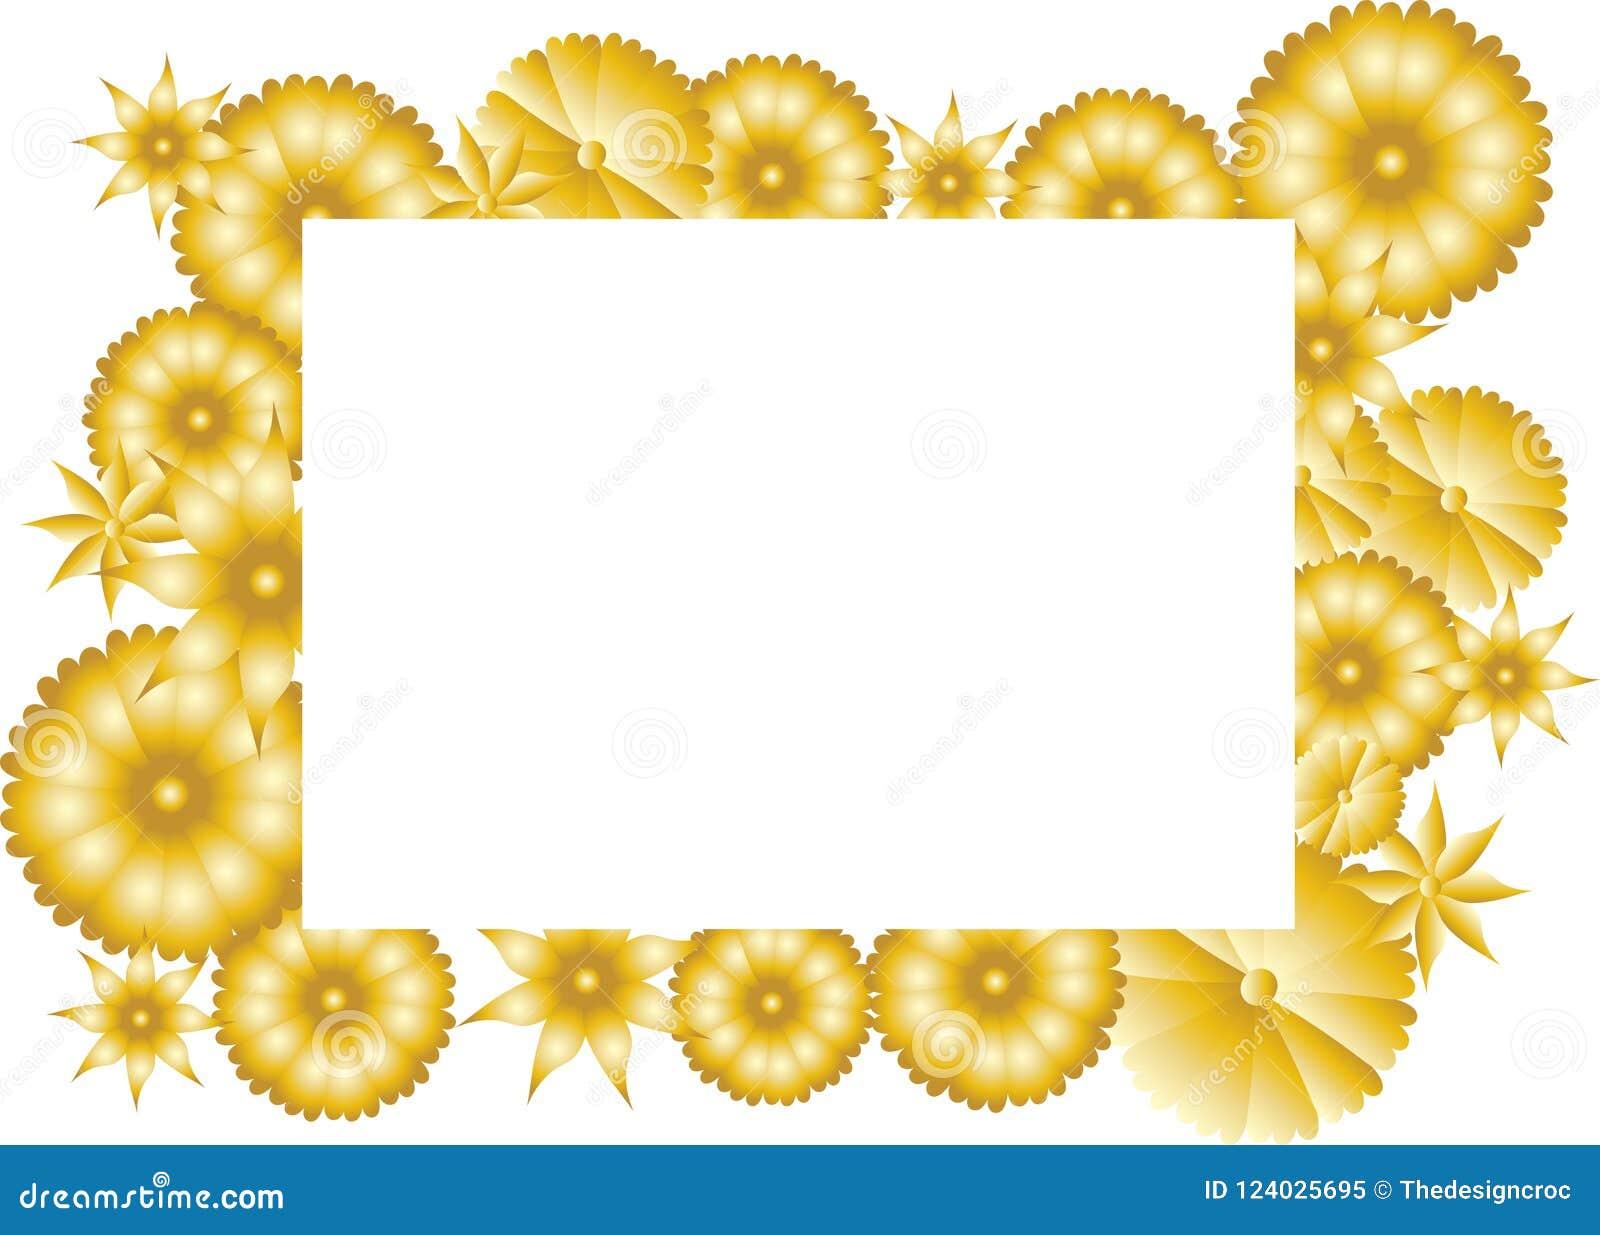 Golden Flowers Border Frame White Write Text Card Stock Vector